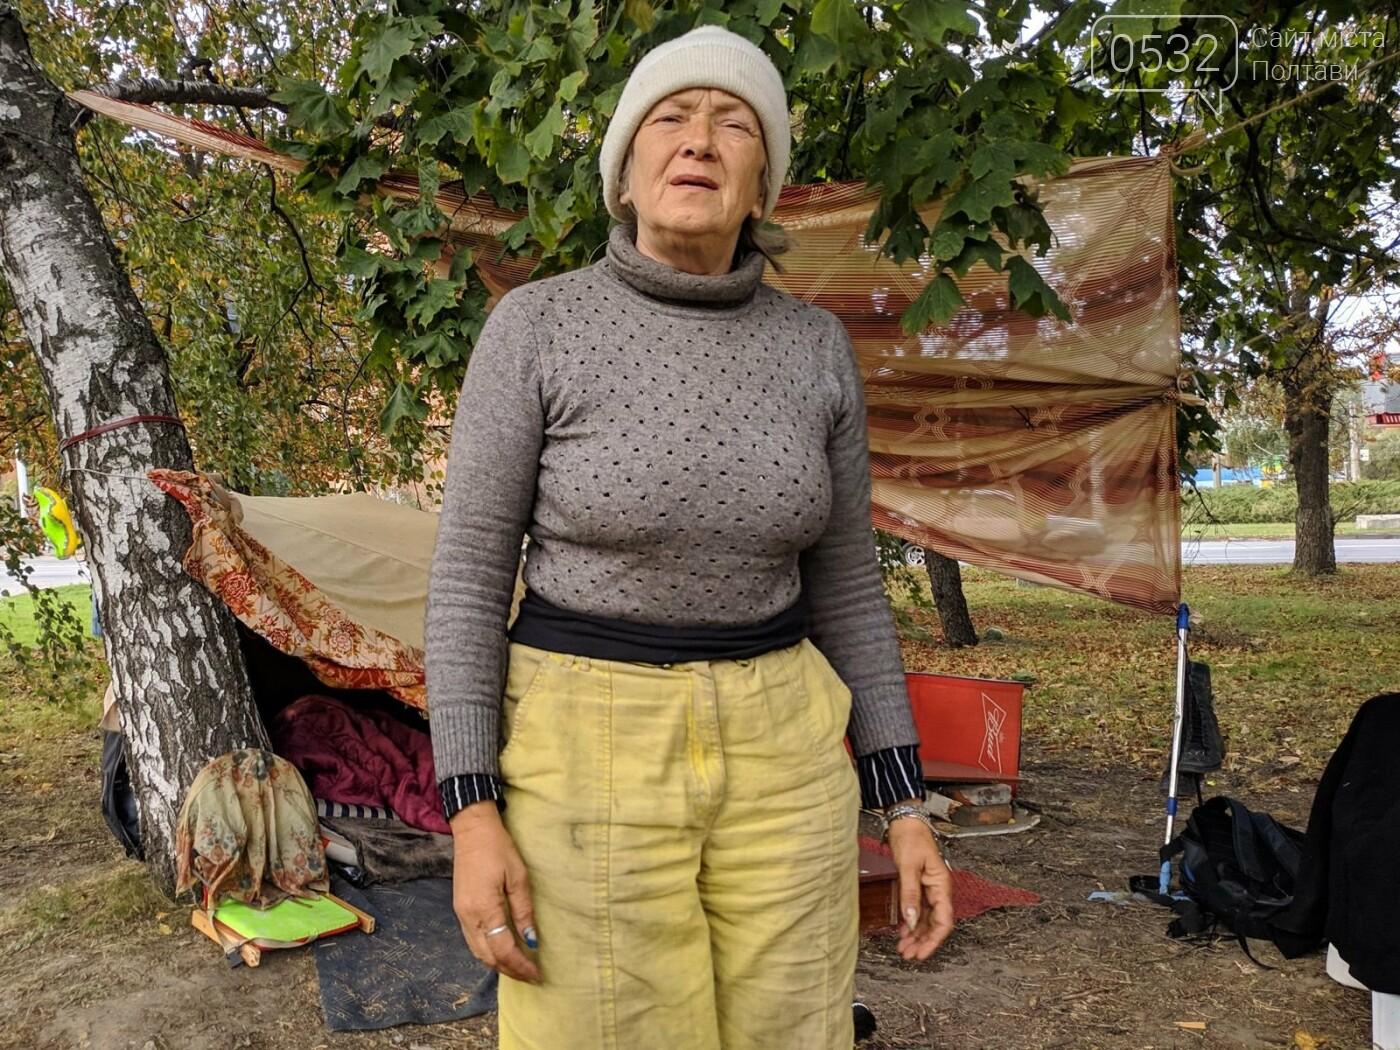 """У Полтаві безпритульна  будує нову """"дачу"""" біля дороги та чекає на квартиру від міської влади (ФОТО, ВІДЕО), фото-2"""